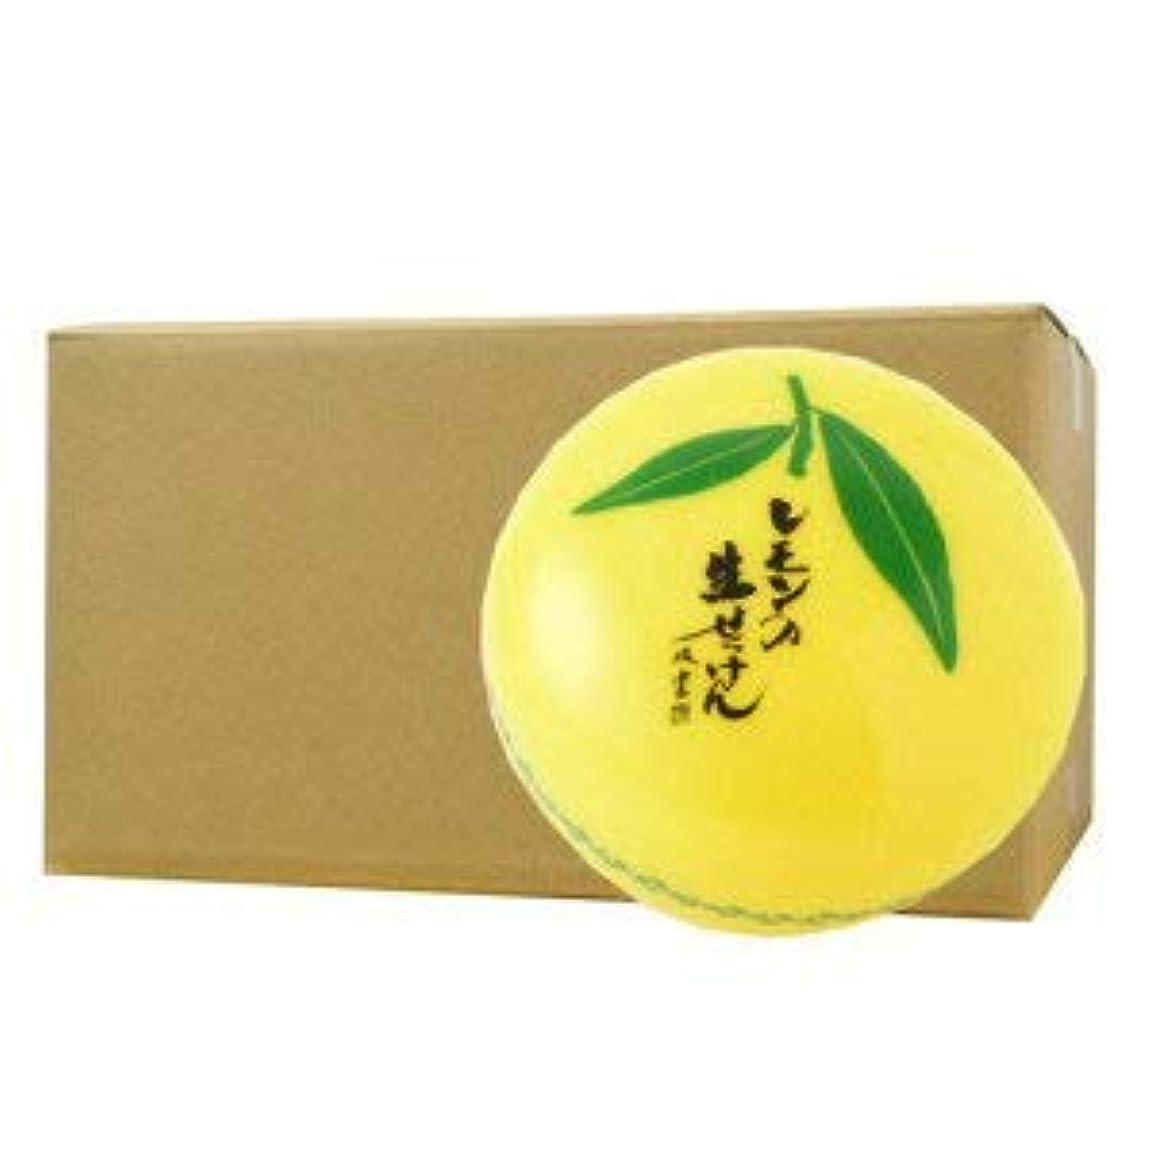 短命フック登るUYEKI美香柑レモンの生せっけん50g×72個セット